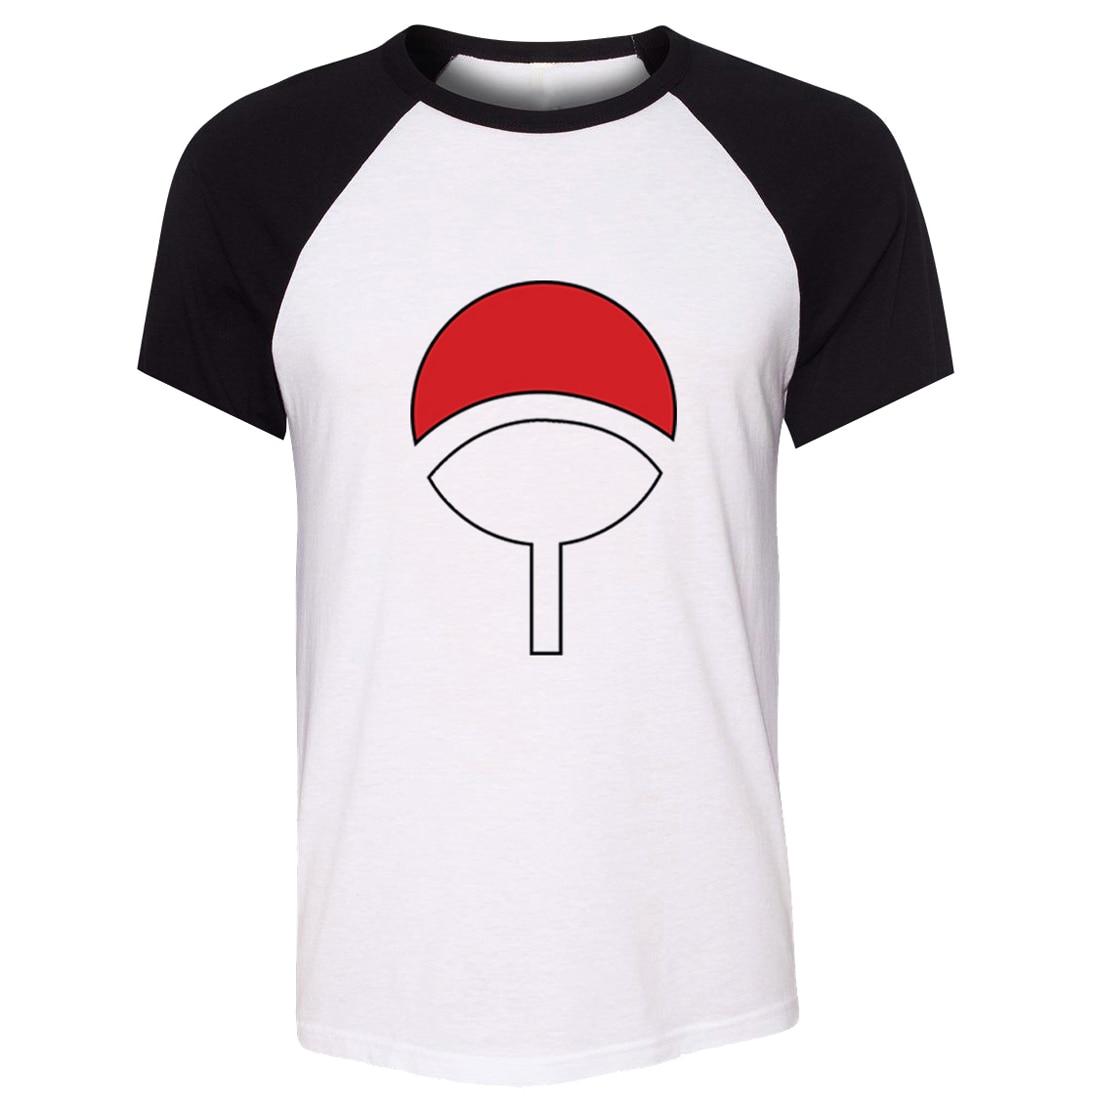 b5b1f3f004698 iDzn Unisex Summer T-shirt NARUTO SHIPPUDEN Village uchiha Symbols Art  Pattern Raglan Short Sleeve